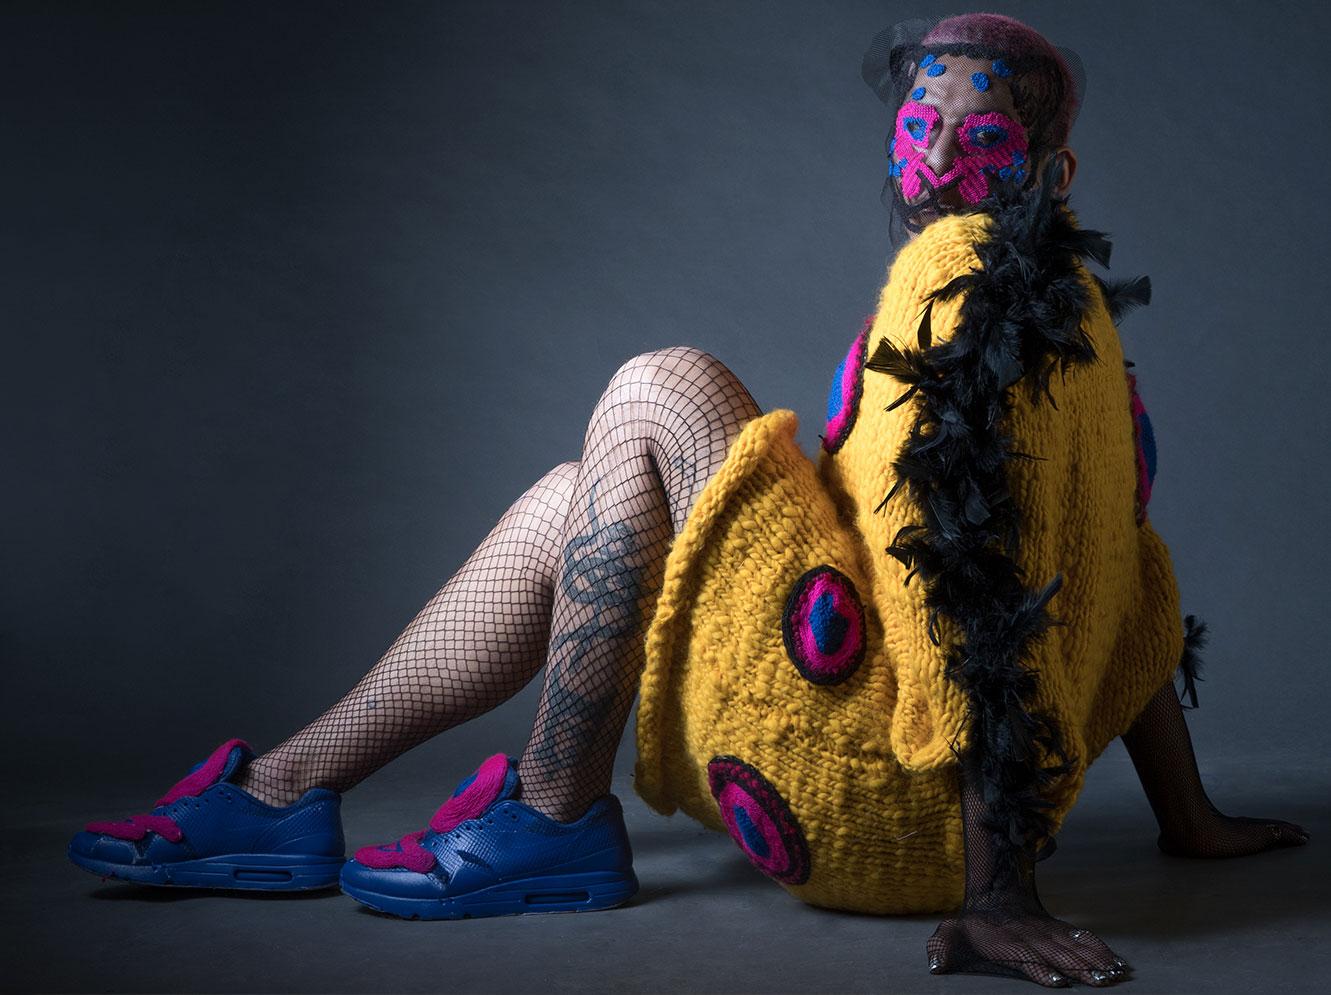 trabajo de alumna Paloma Tapia en Taller Vertical en Textil e Indumentaria UDP chaleco largo lana amarillo con plumas negras en brazos y círculos fucsia y azul